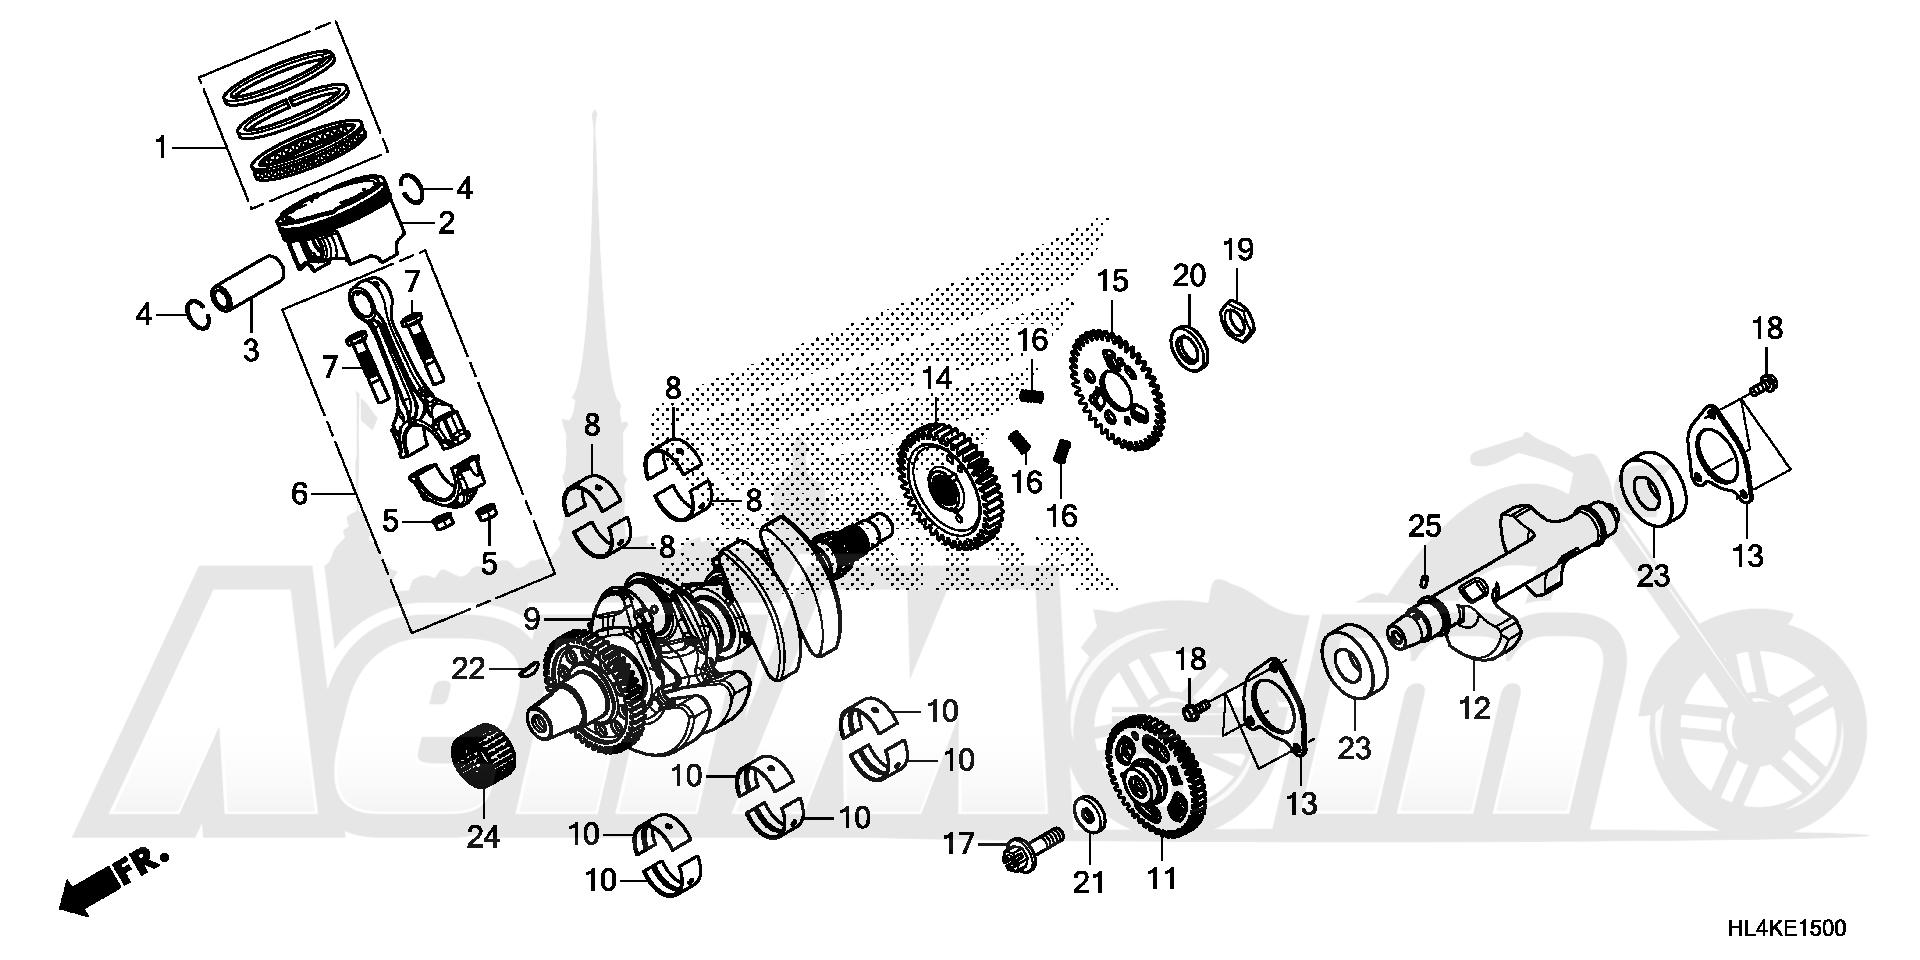 Запчасти для Квадроцикла Honda 2019 SXS1000M3P Раздел: CRANKSHAFT AND PISTON | коленвал и поршень